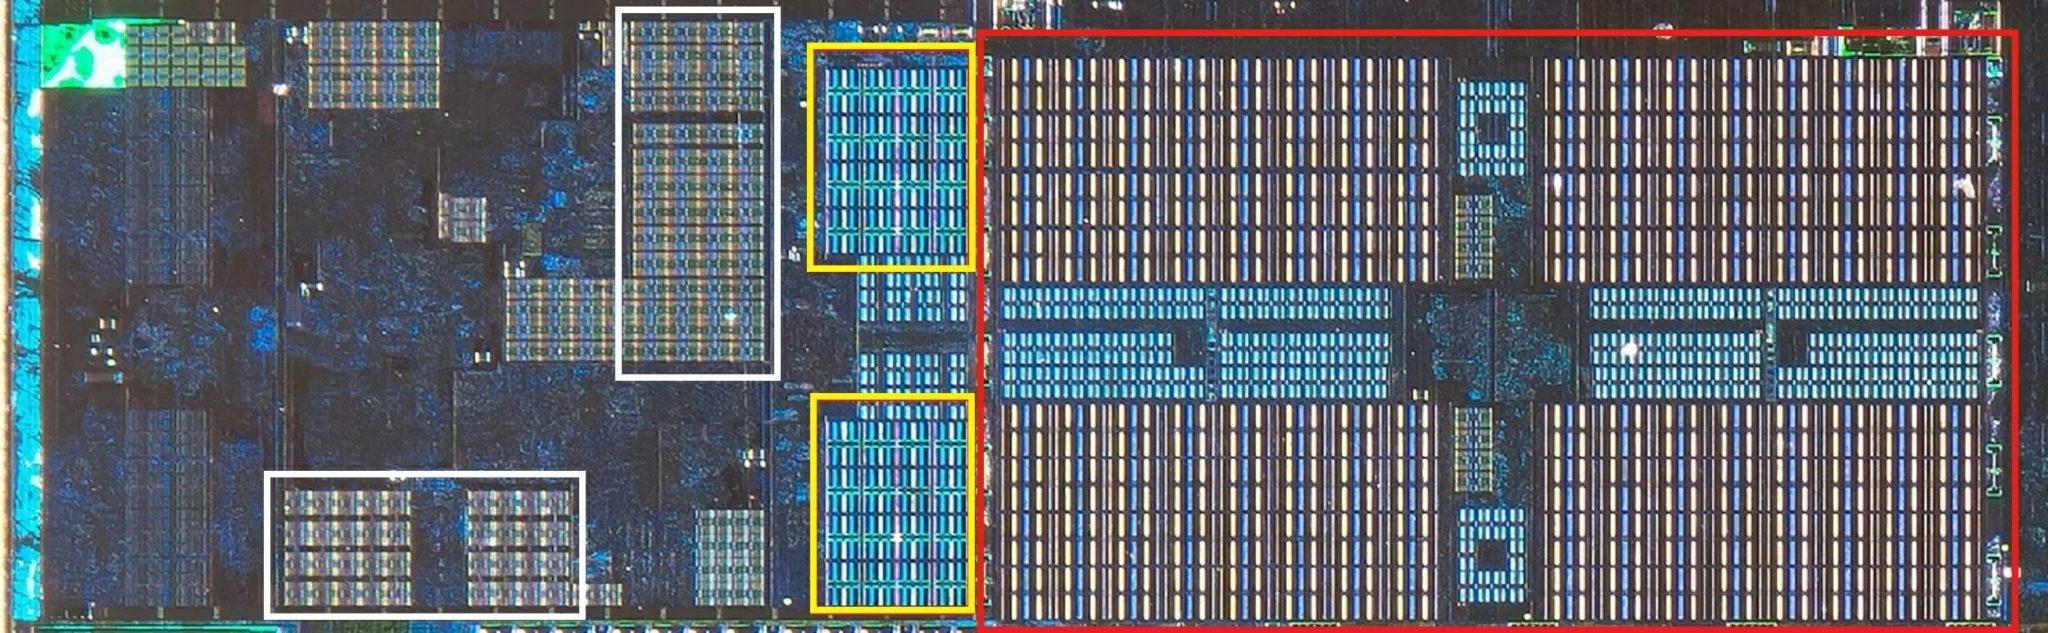 Ядро AMD Zen 2